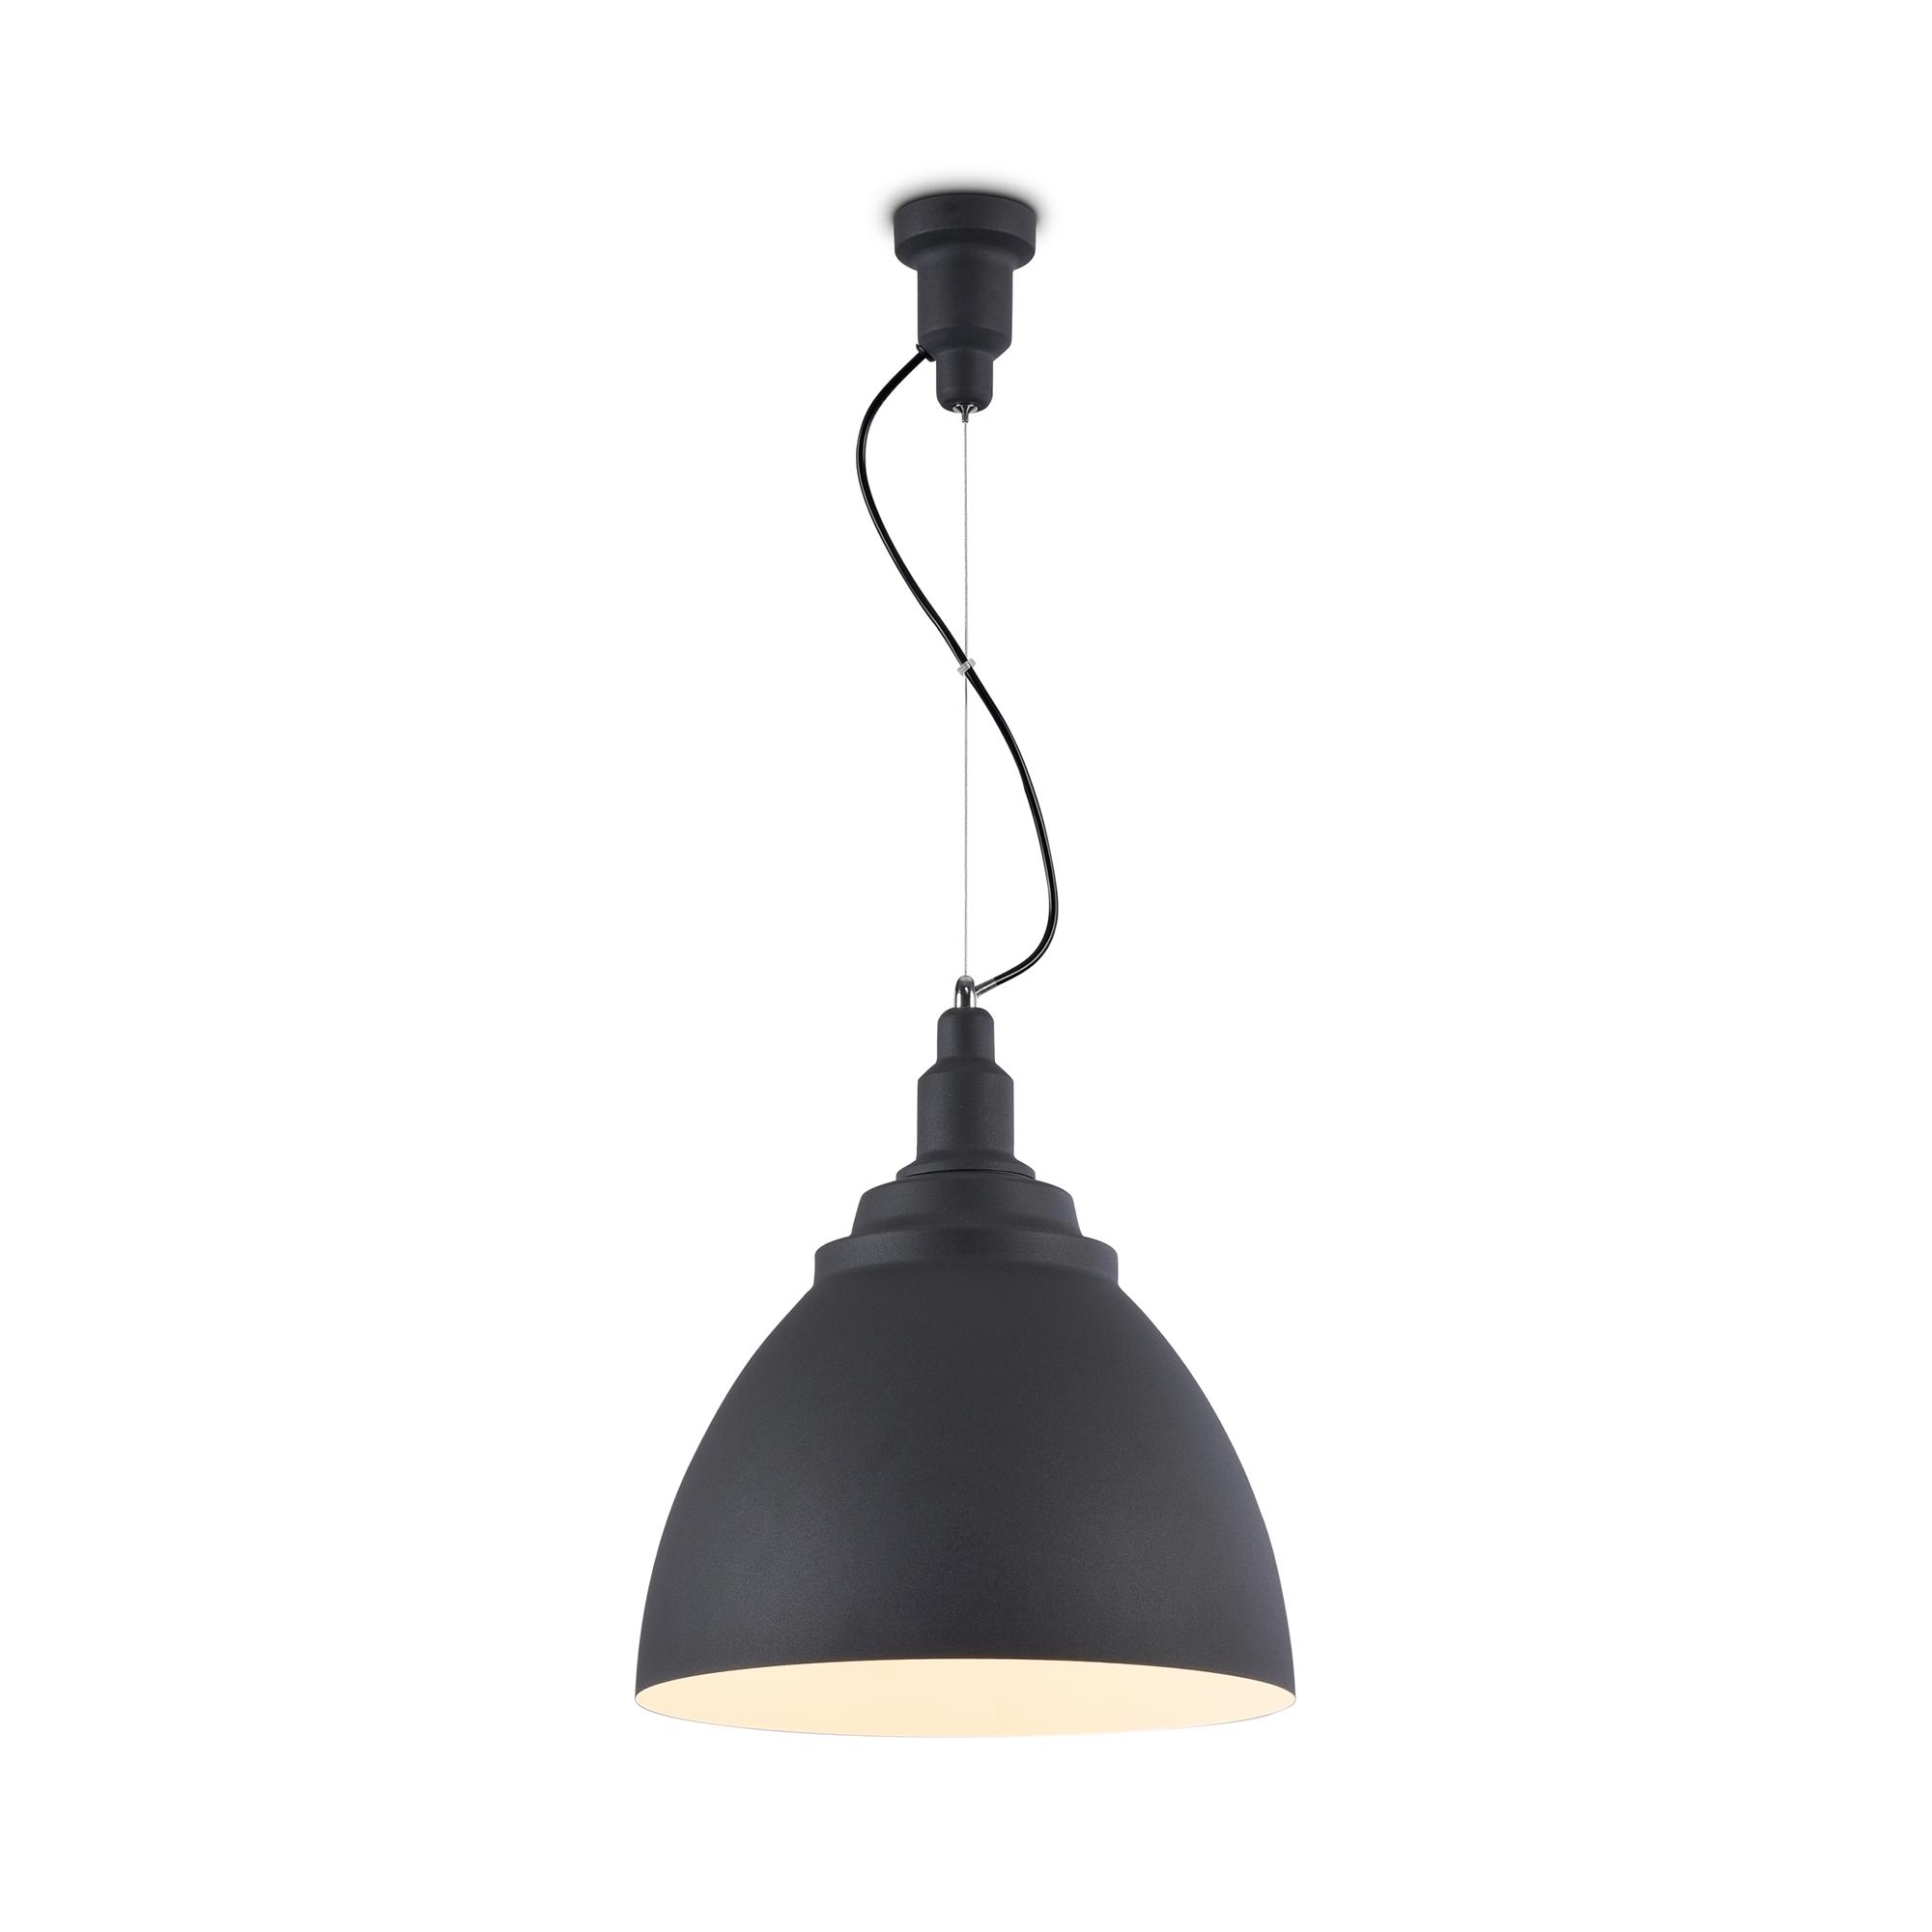 Подвесной светильник Maytoni Bellevue P535PL-01B, 1xE27x60W, черный, металл - фото 1